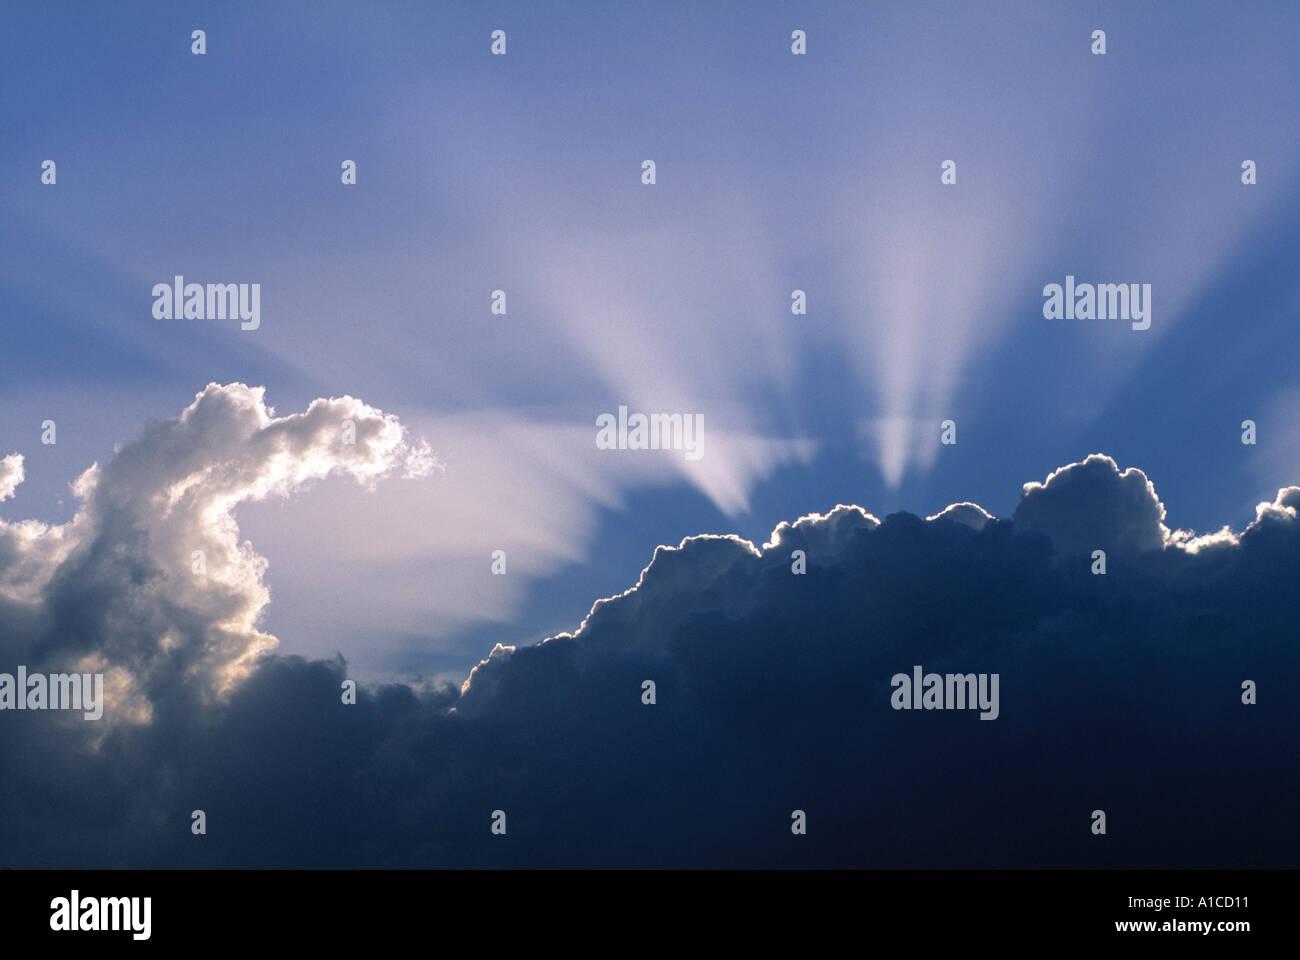 Strahlen der Sonne durch Wolken Stockbild